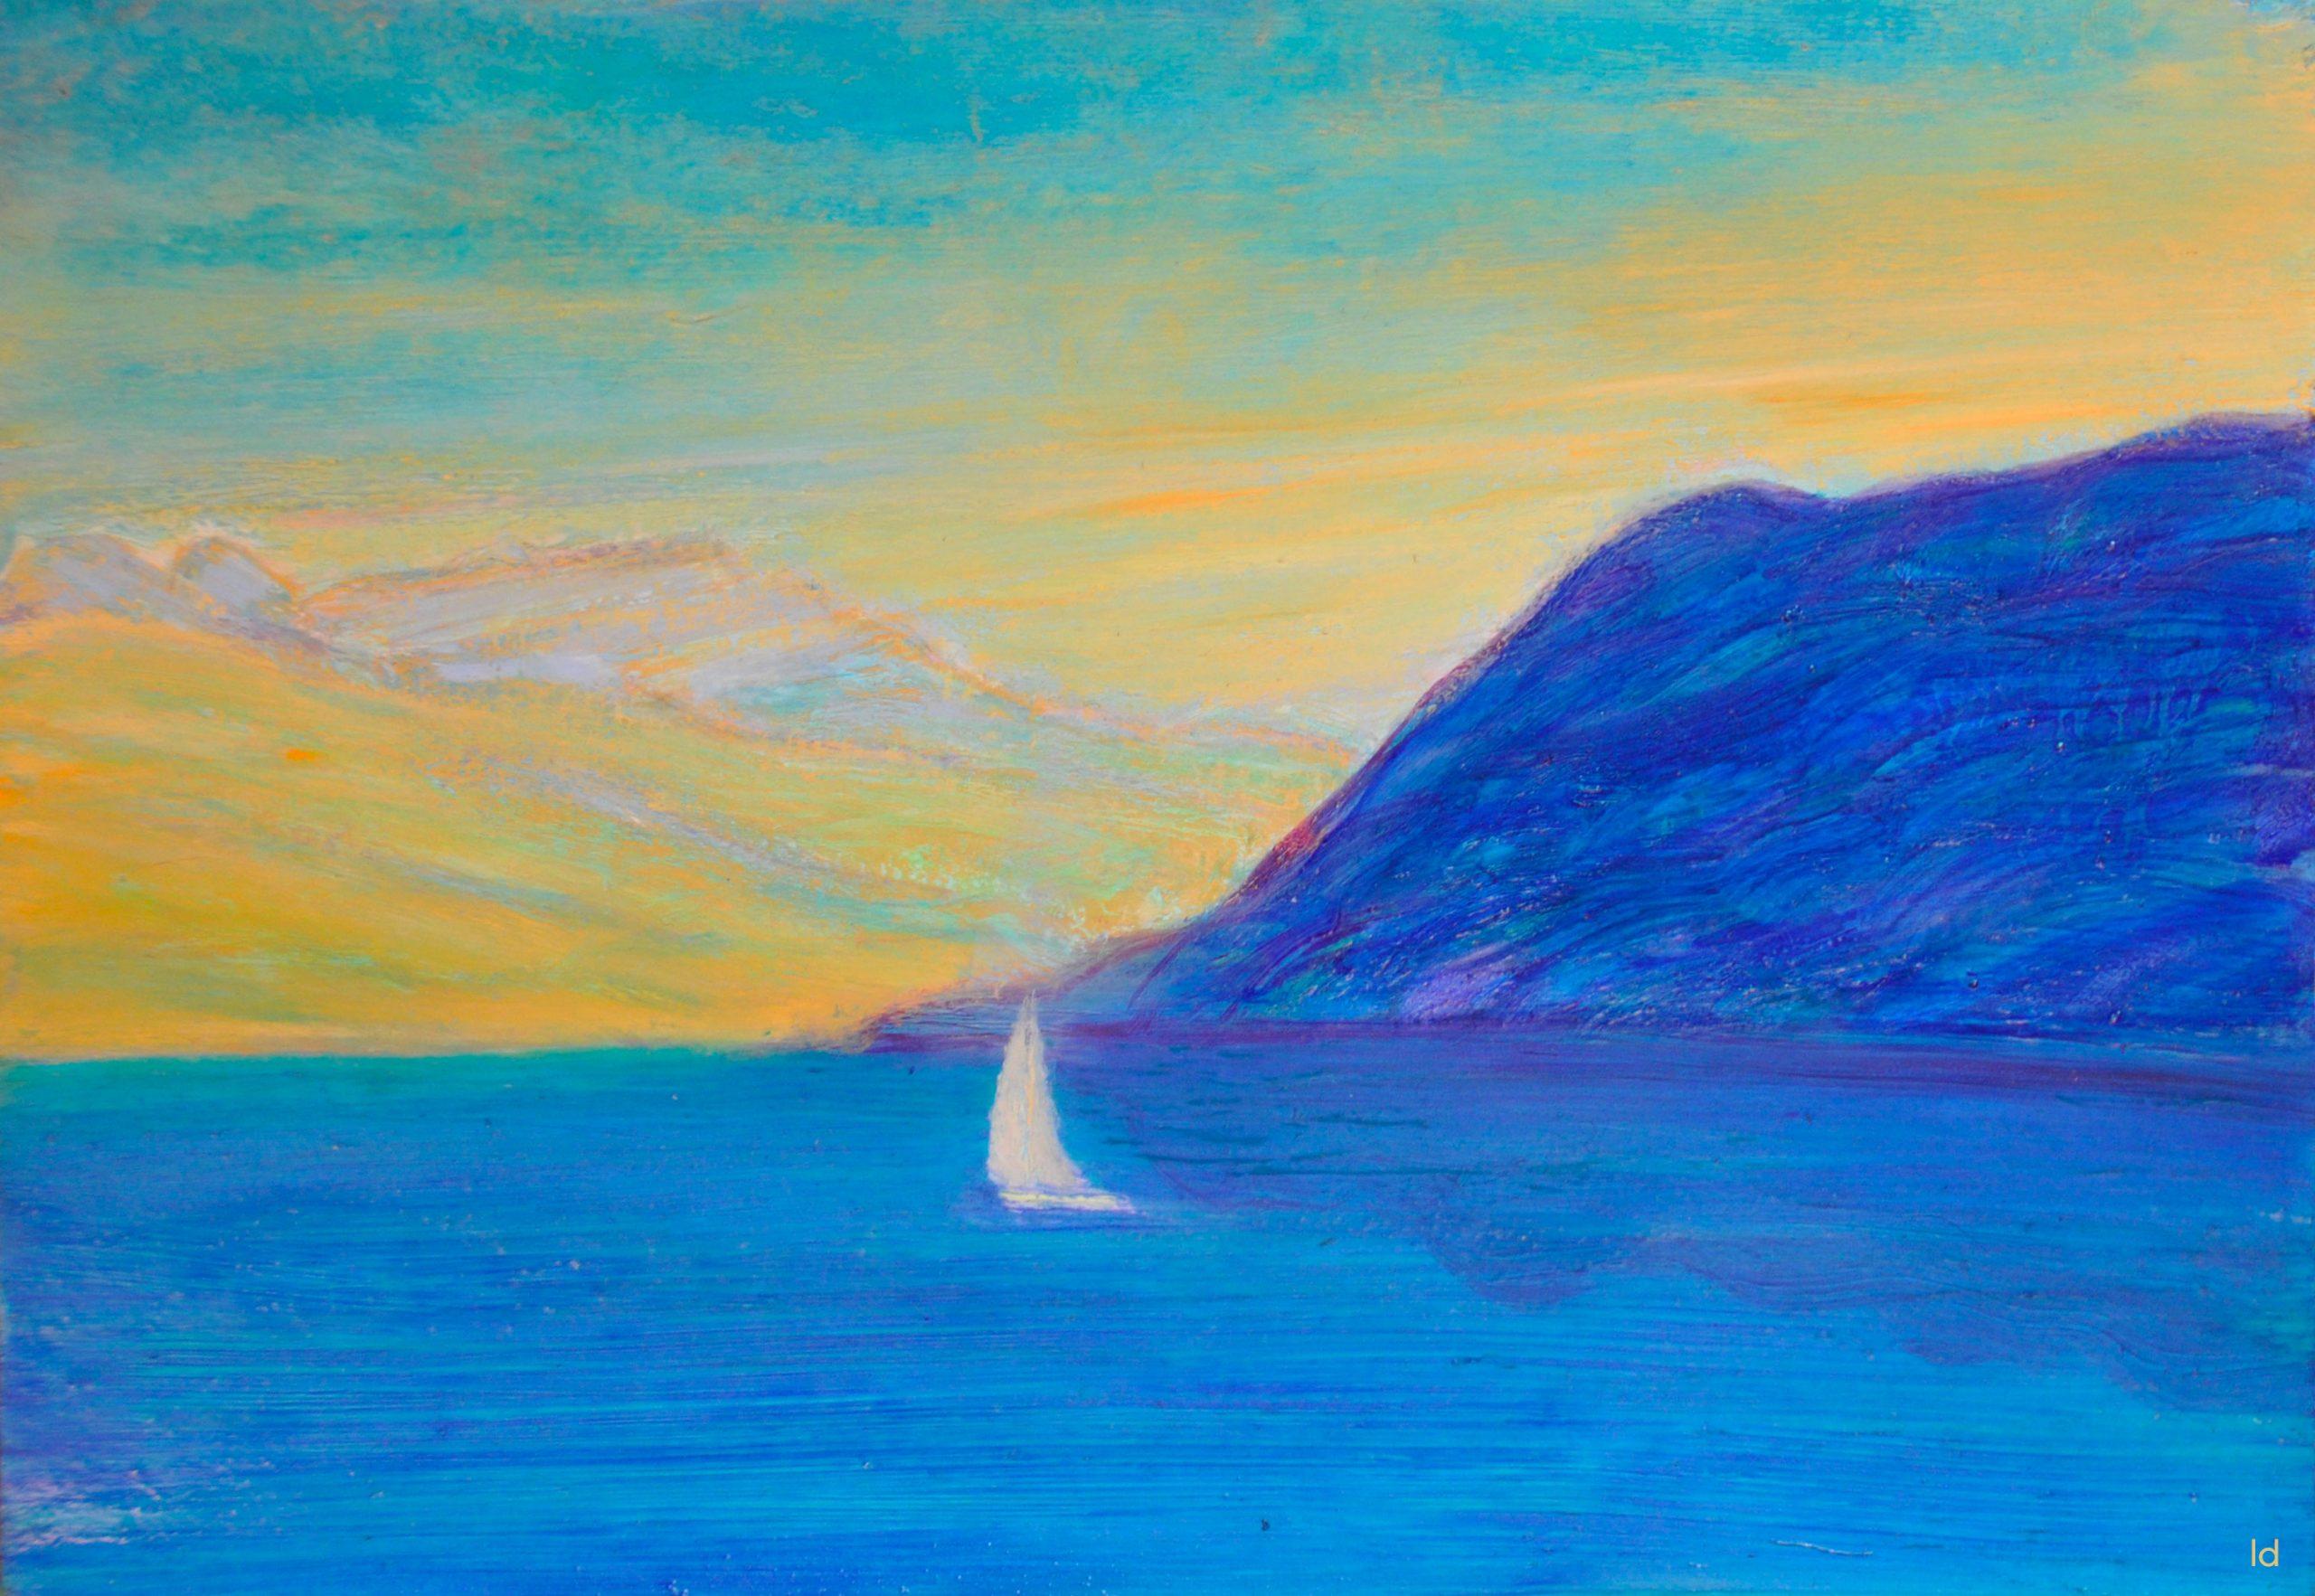 Lac Léman, St Prex, 12.2. Pastel à la cire et huile sur papier, 21x30, 2020